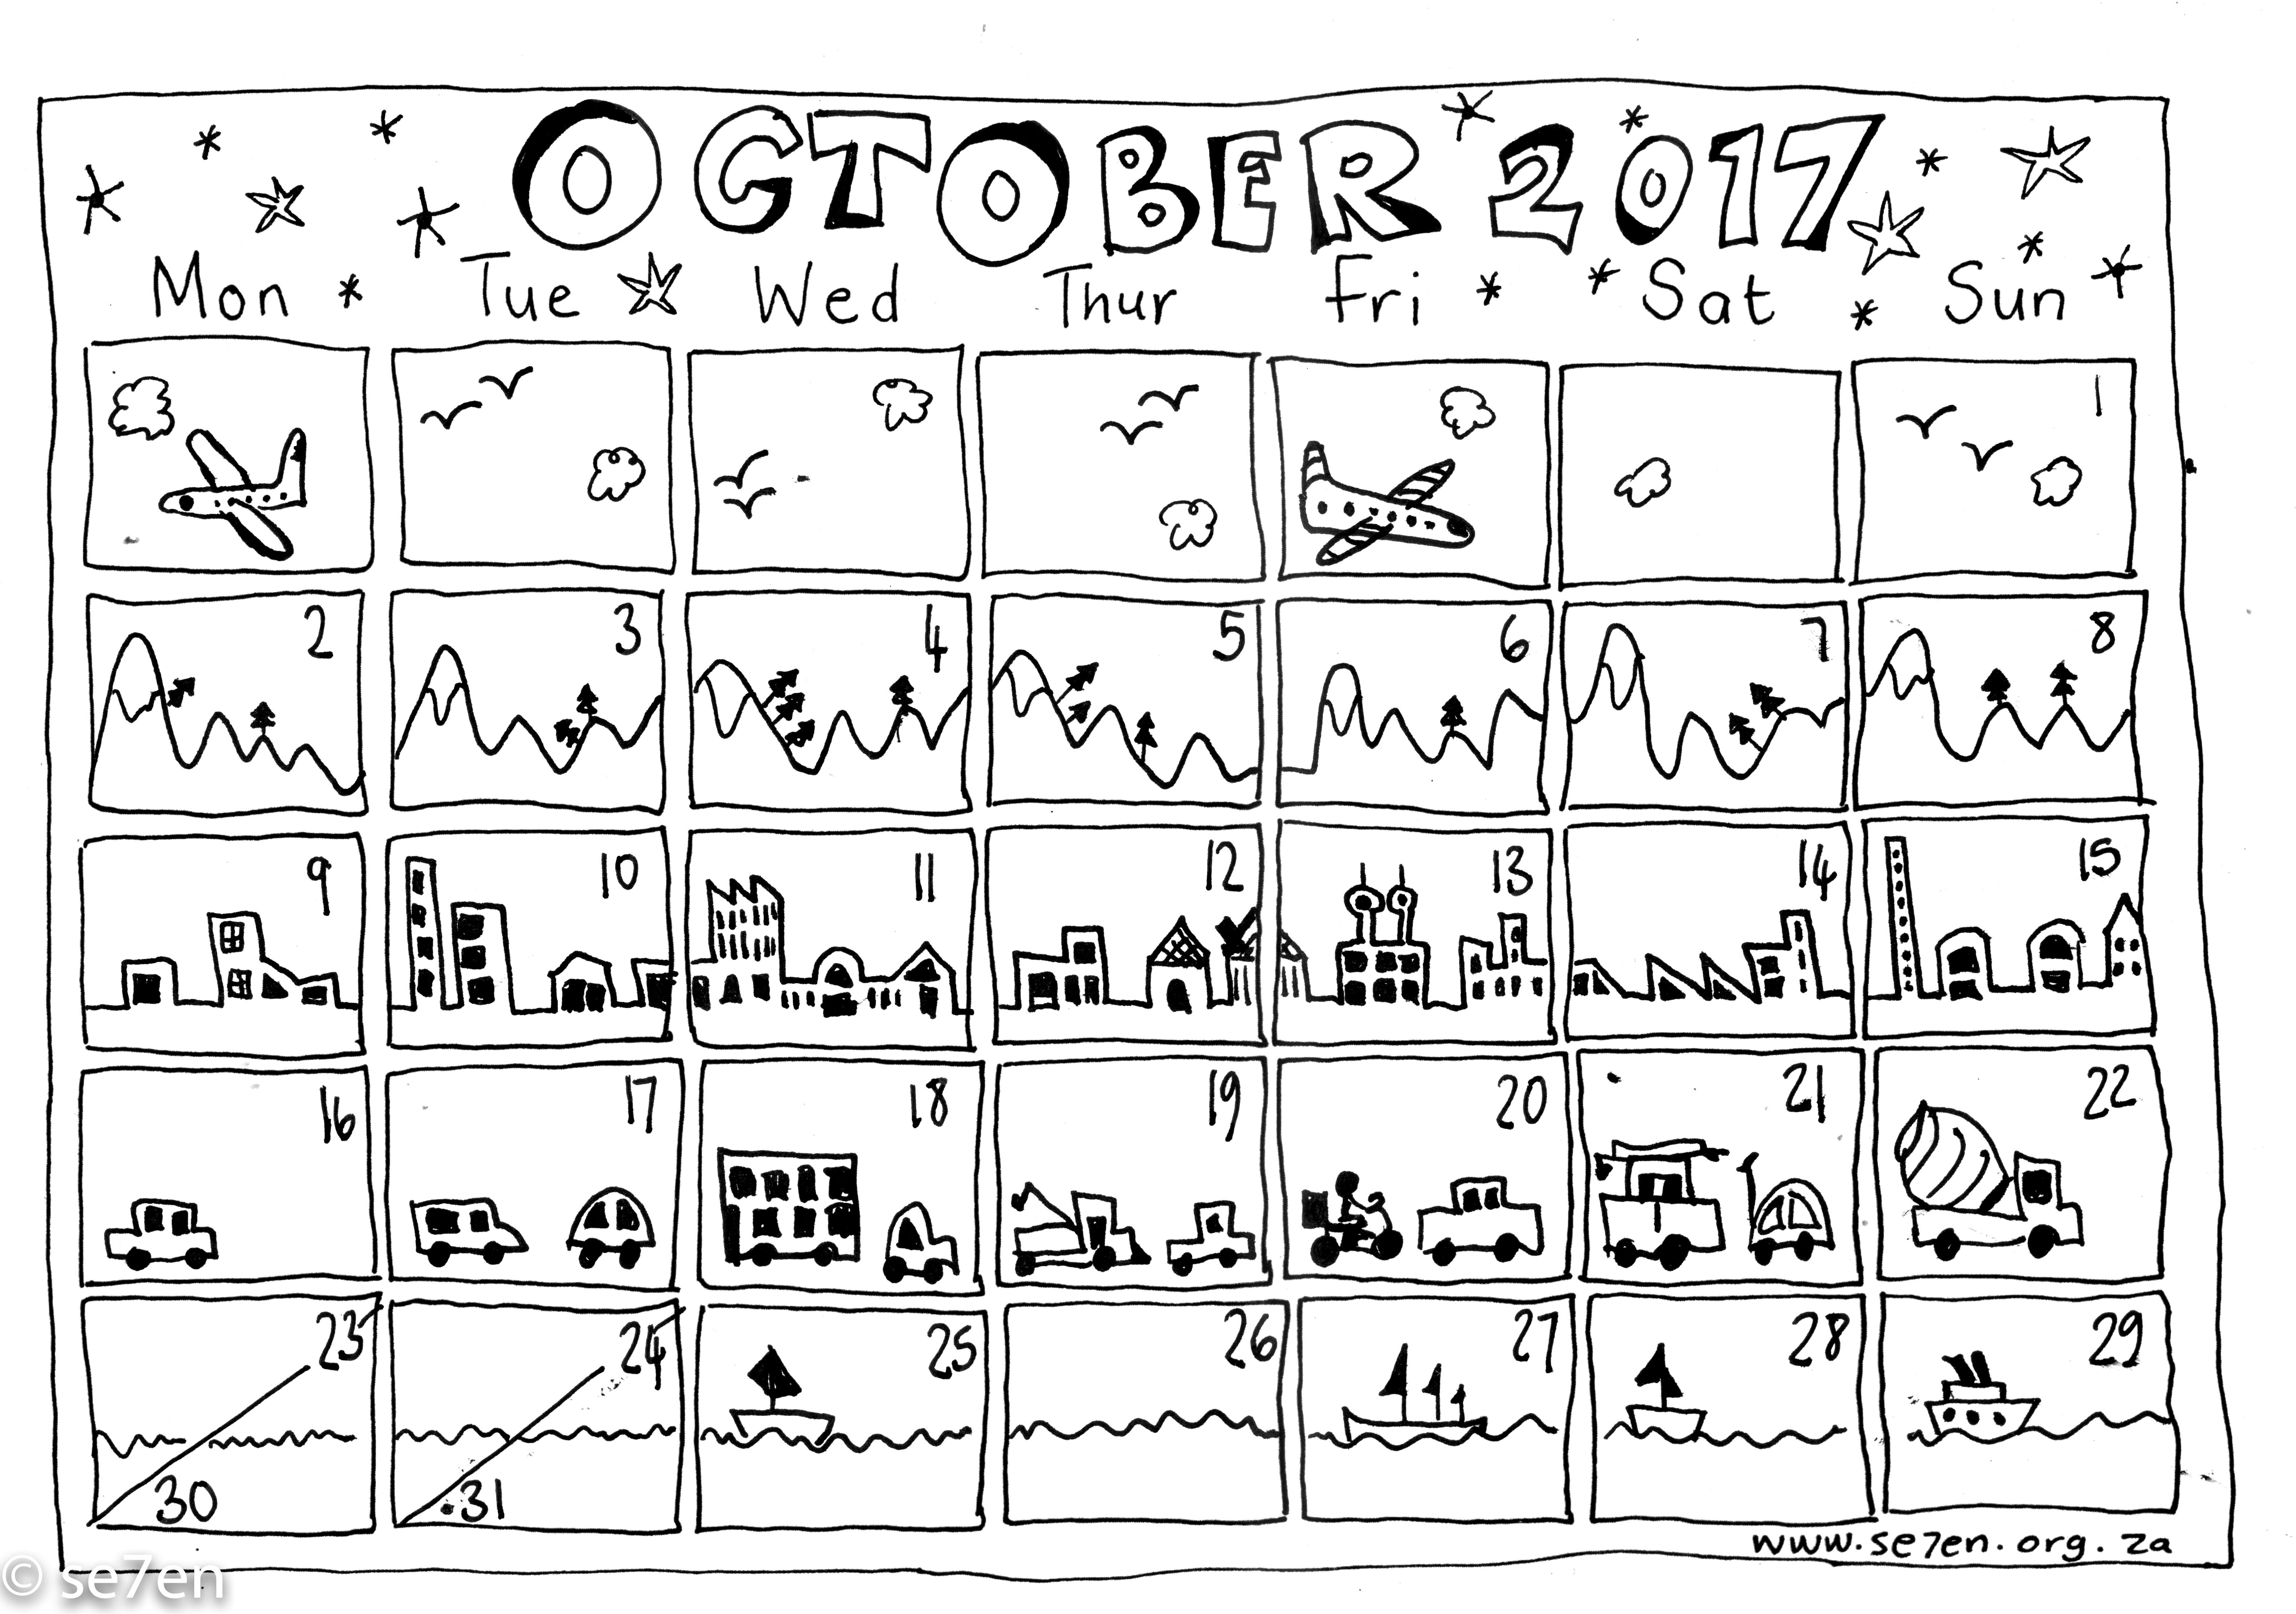 se7en-01-Oct-17-October 2017001-1